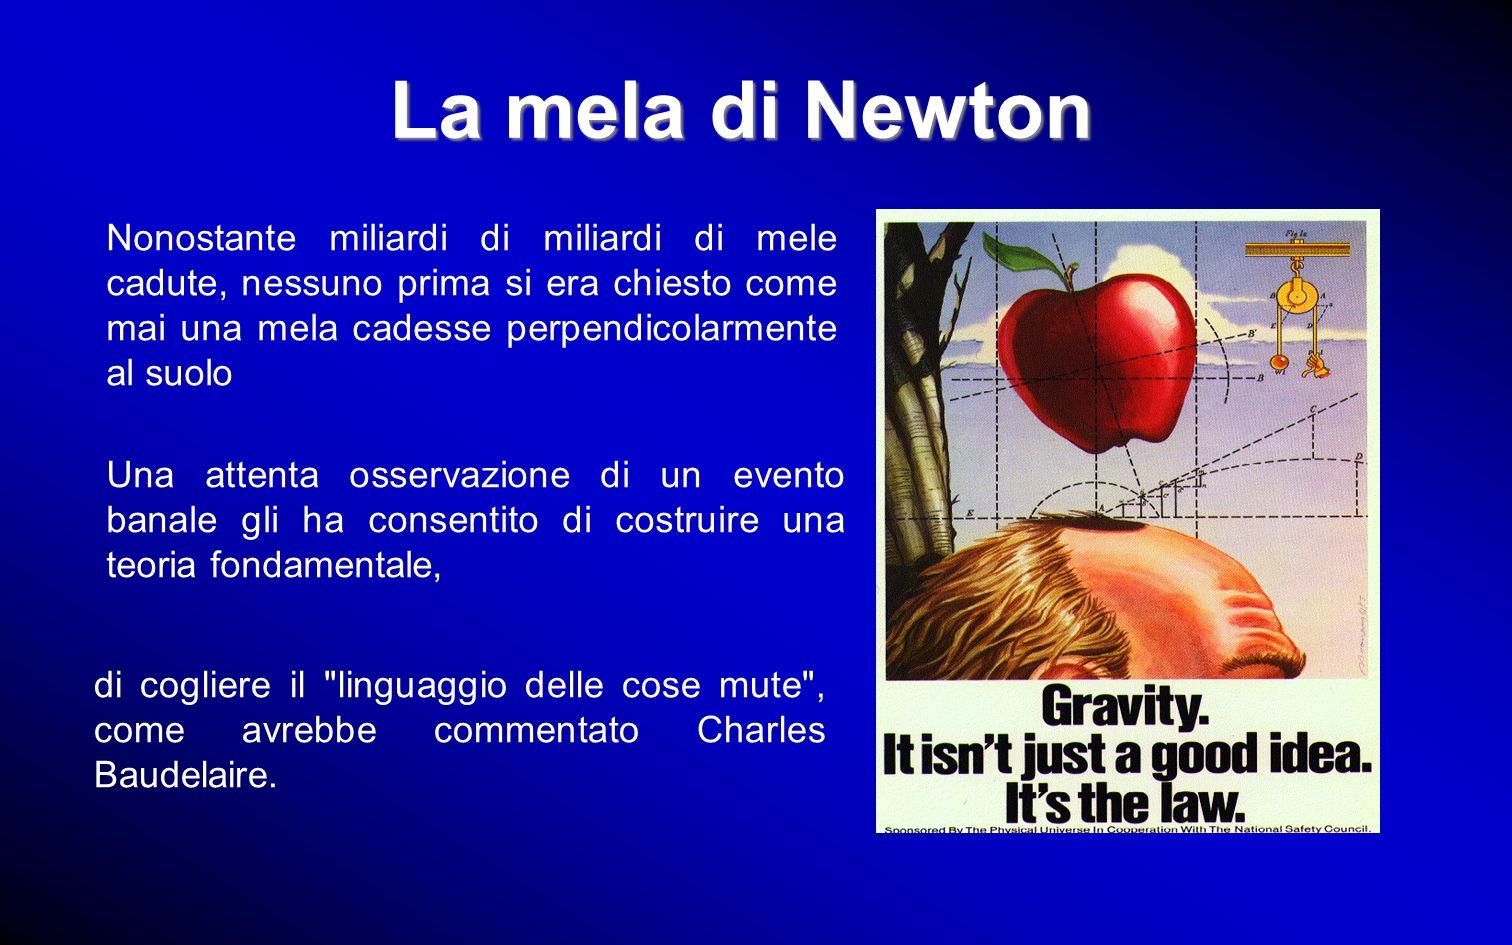 La mela di NewtonNonostante miliardi di miliardi di mele cadute, nessuno prima si era chiesto come mai una mela cadesse perpendicolarmente al suolo.